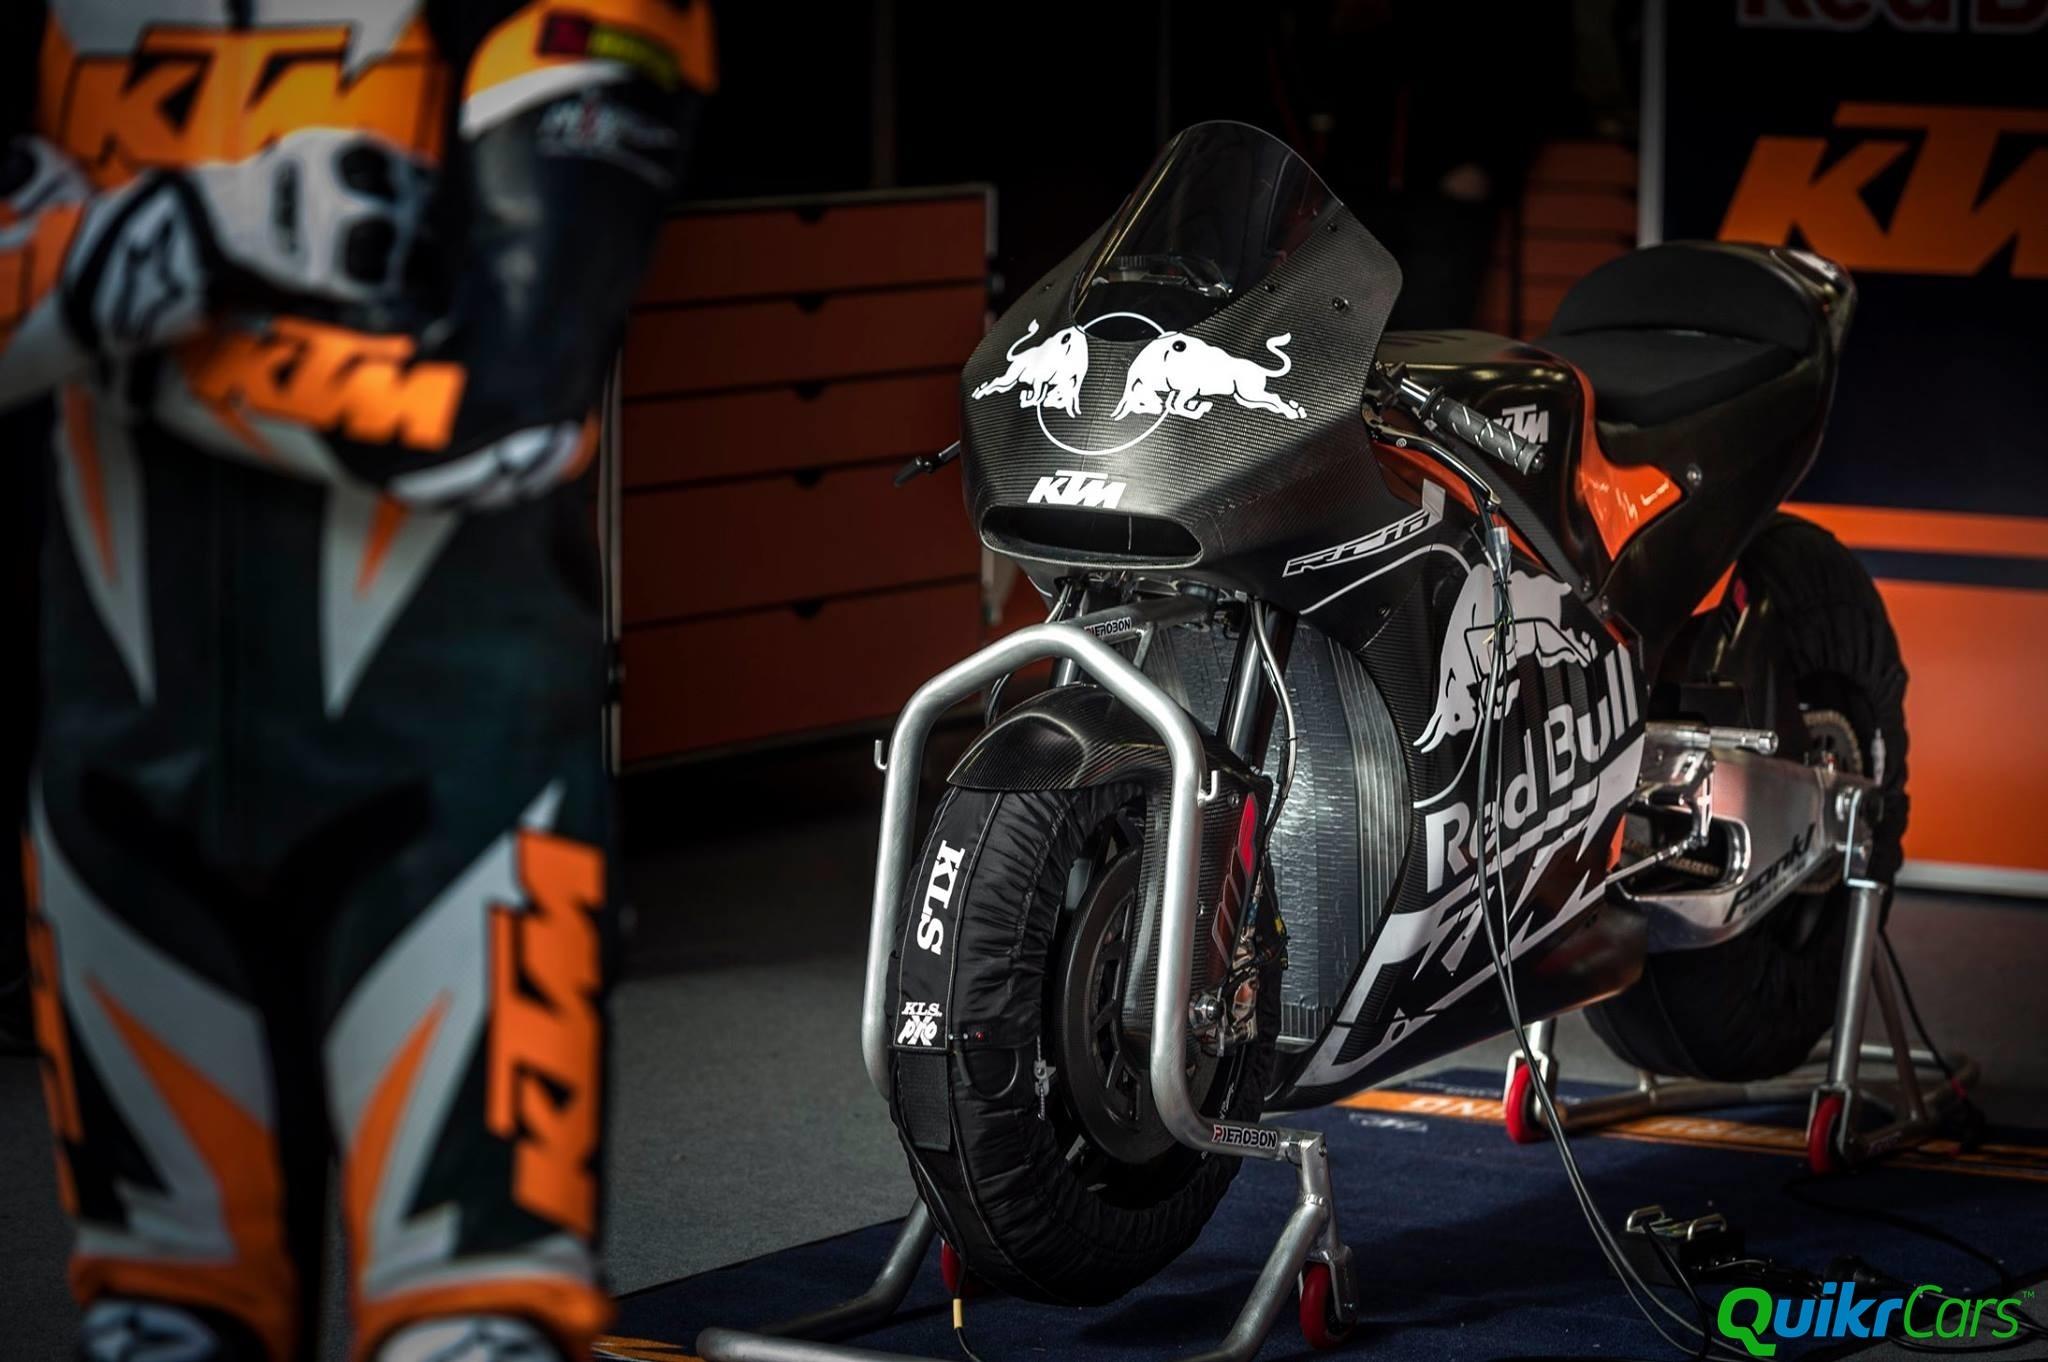 KTM RC16 MotoGP Bike Begins First Test - Quikr Blog